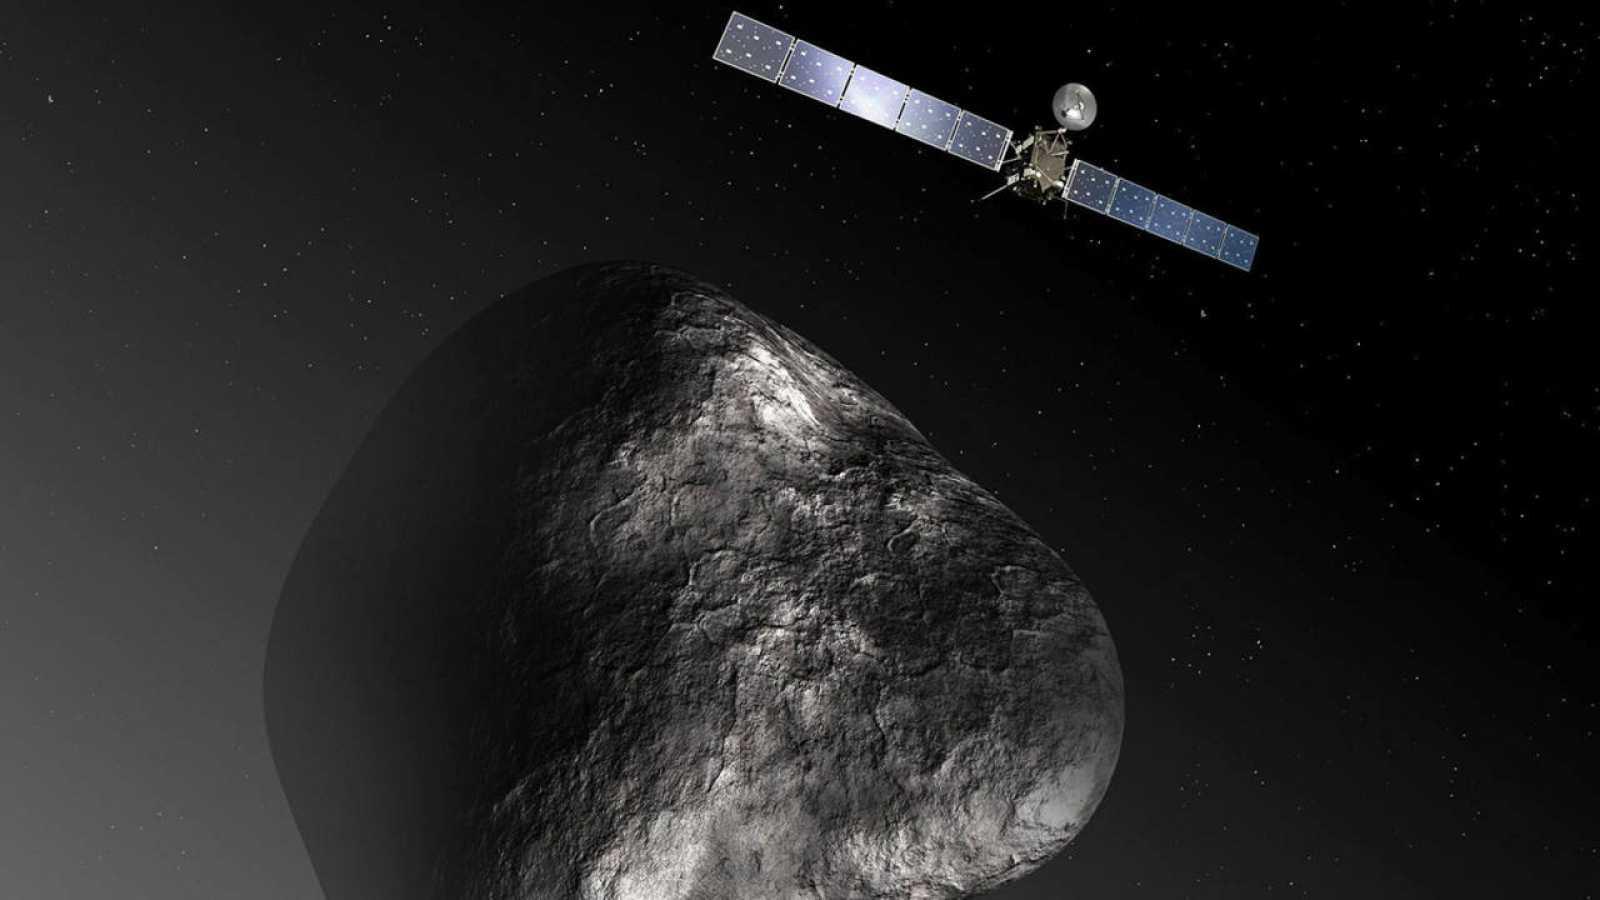 Dibujo facilitado por la Agencia Espacial Europea que representa la sonda espacial Rosetta y el cometa 67P